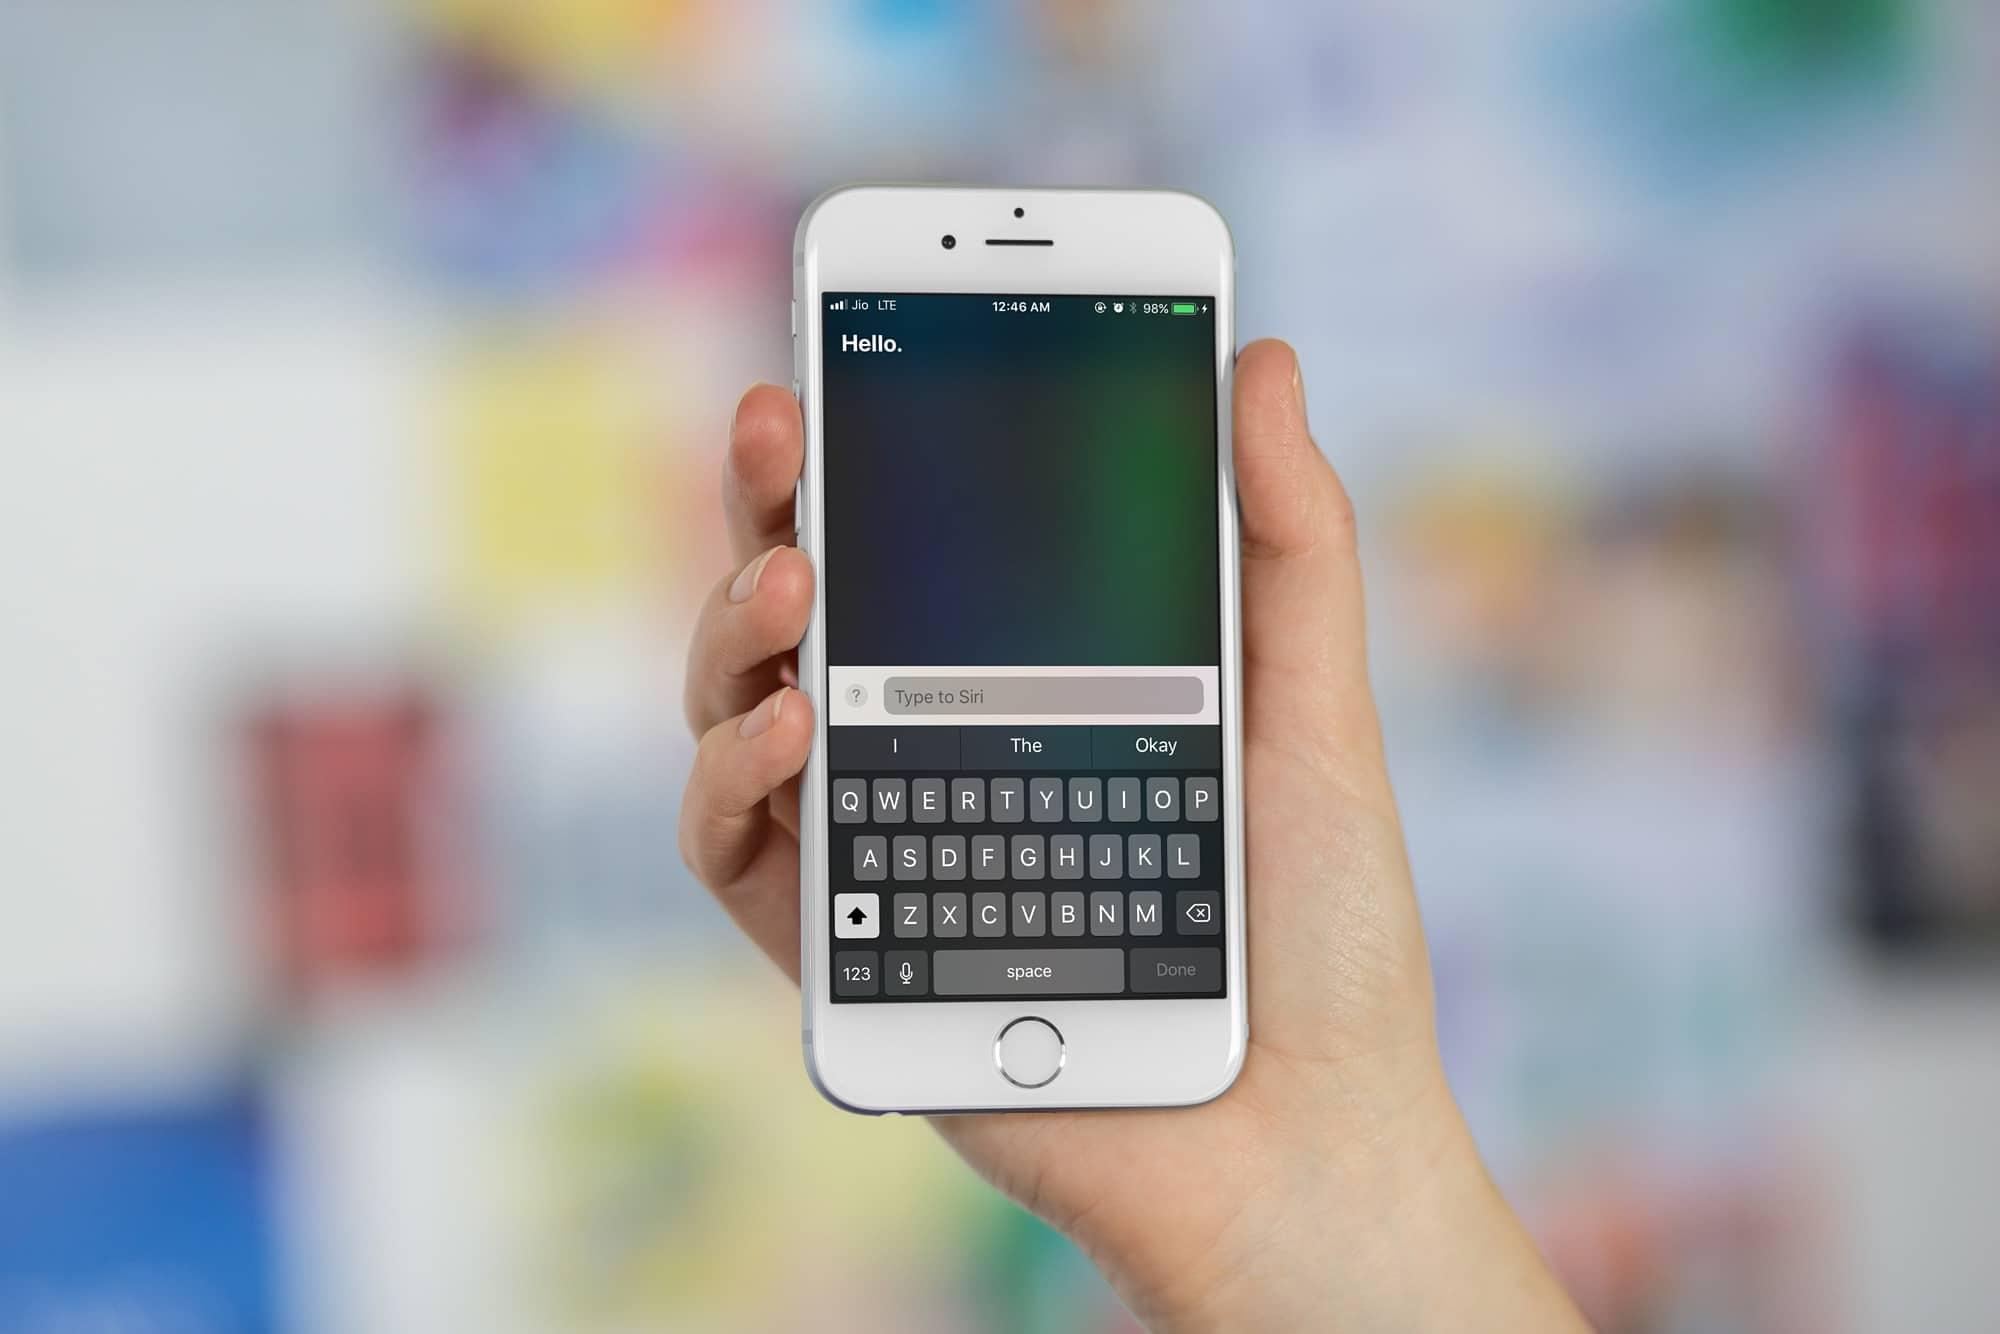 Type to Siri on iOS 11